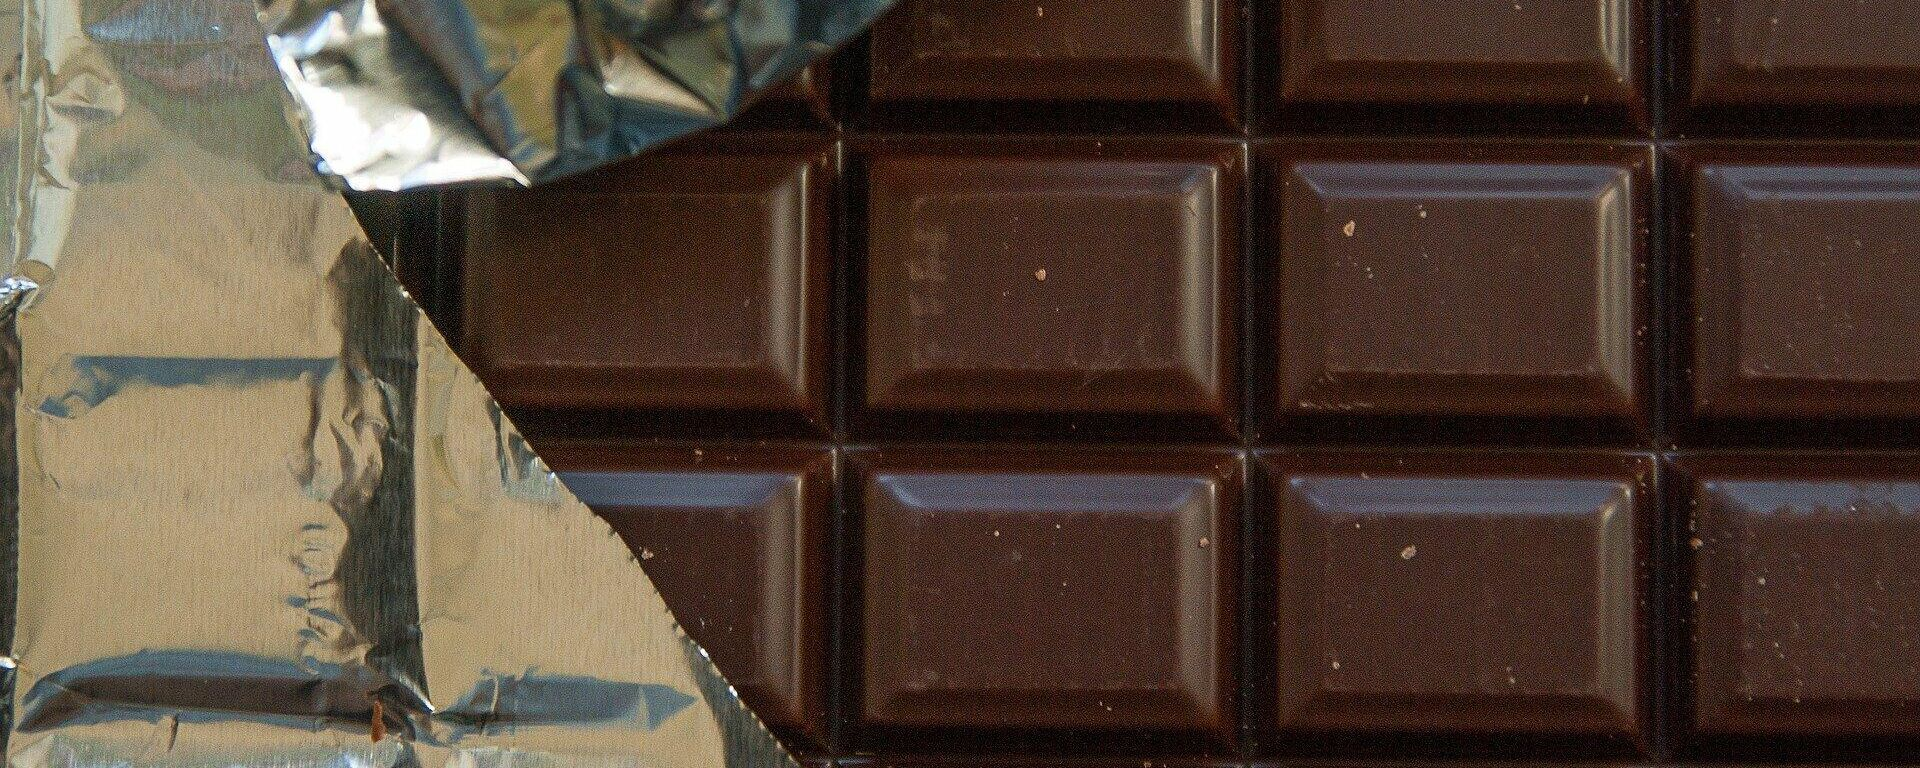 Schokolade (Symbolbild) - SNA, 1920, 16.06.2021